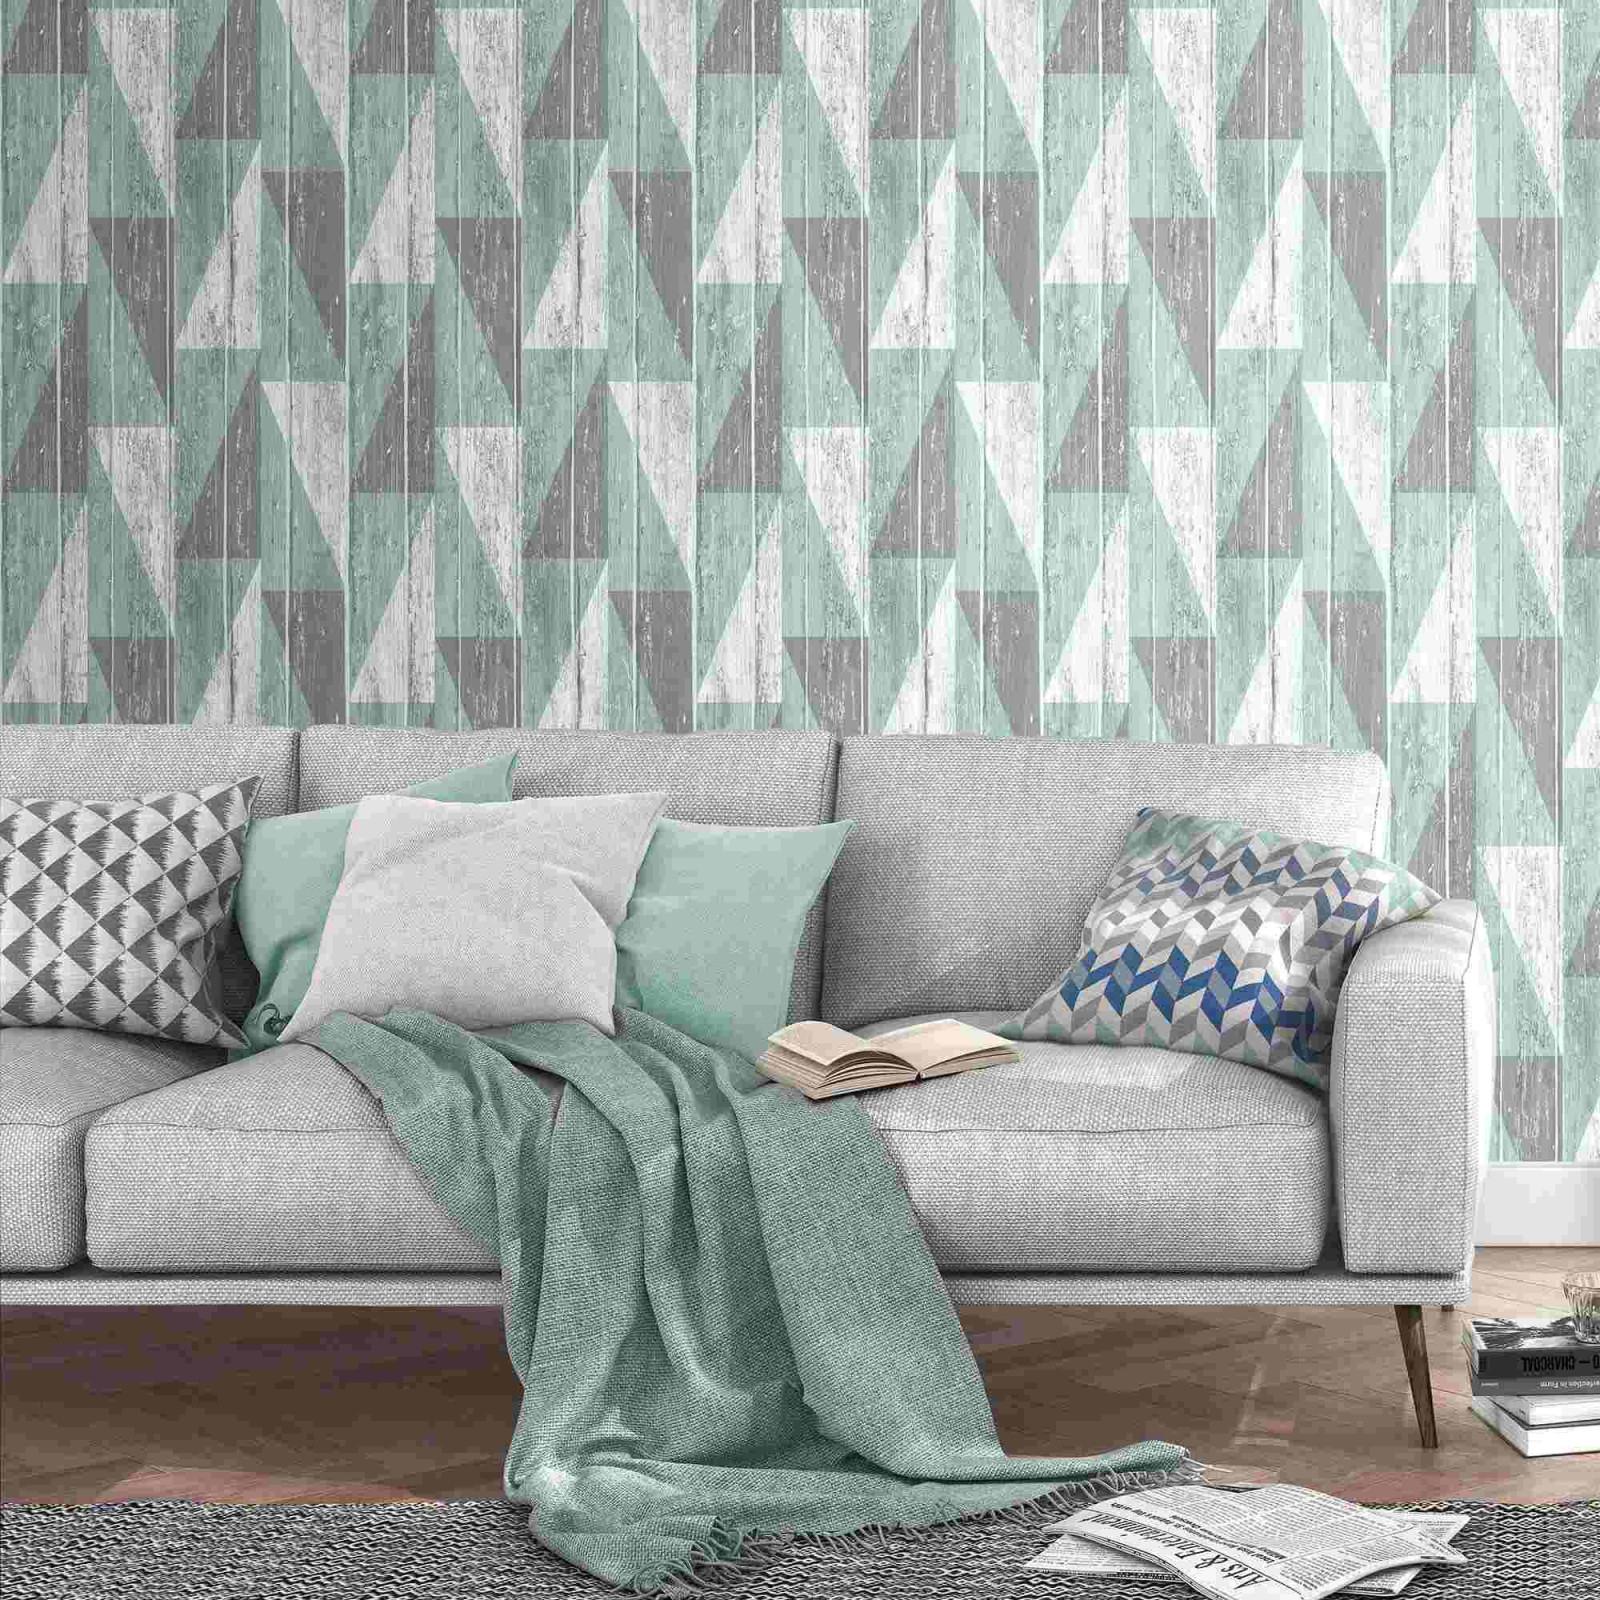 Rasch Tapeten Für Jeden Raum Kinderzimmer Schlafzimmer von Schöne Tapeten Für Das Wohnzimmer Bild